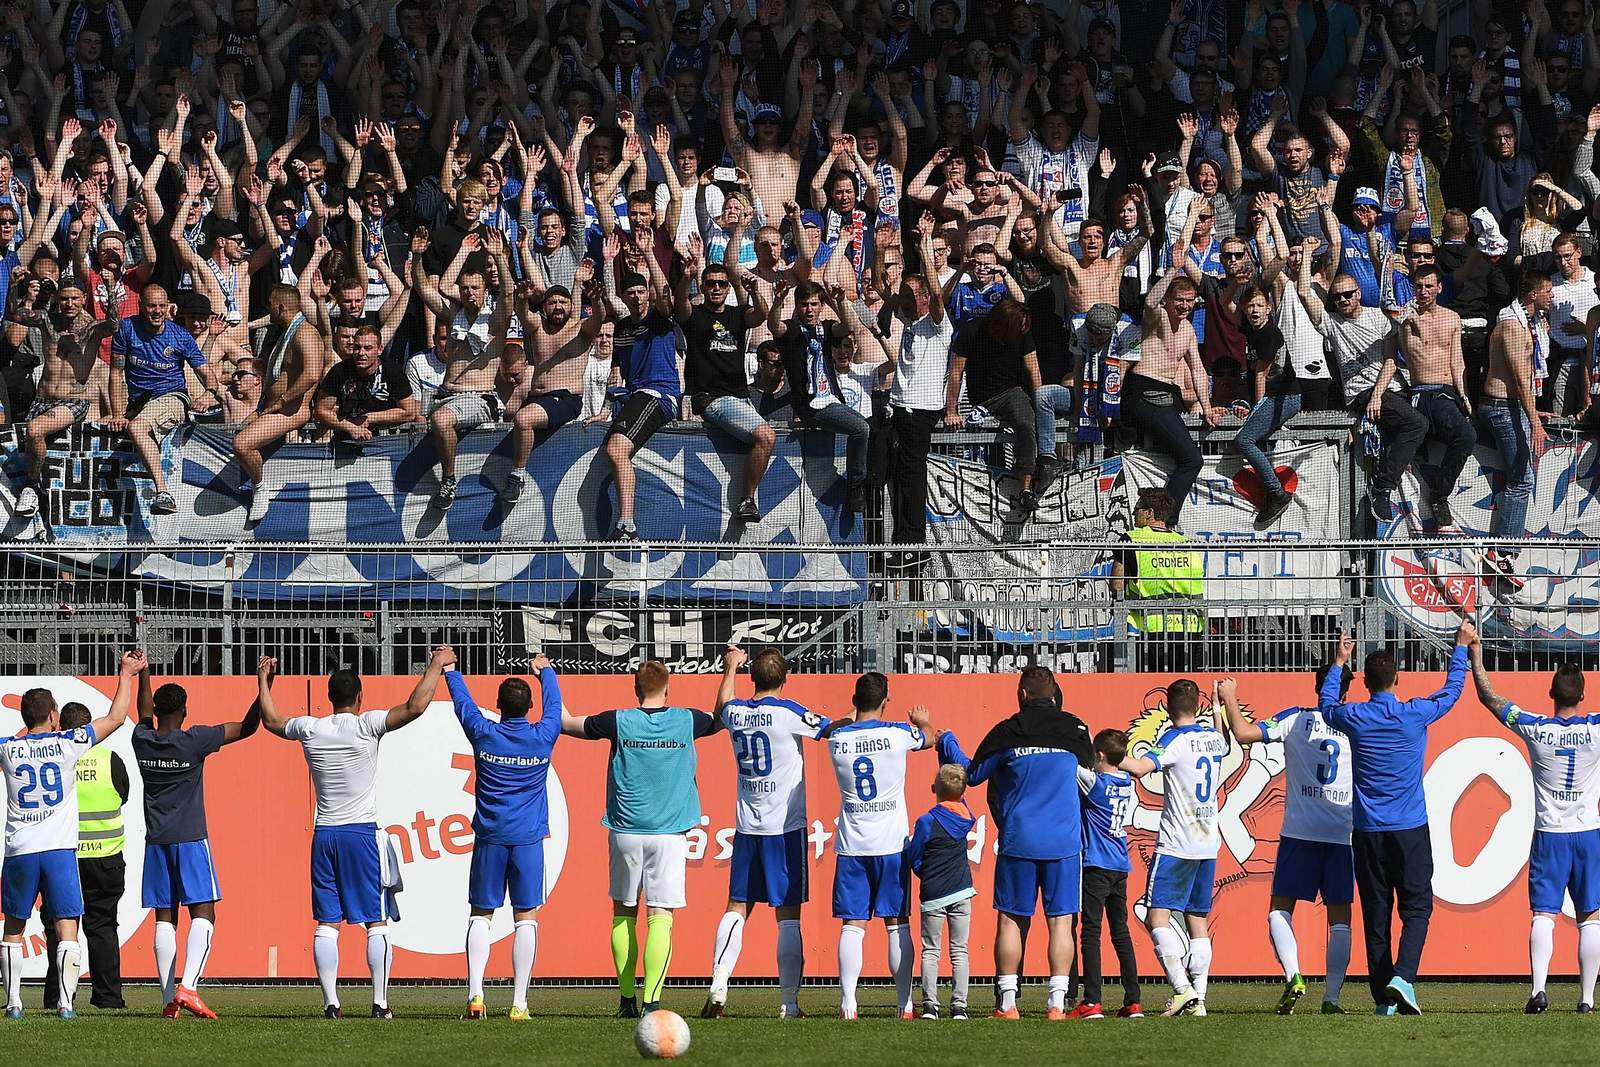 Rostock Fans